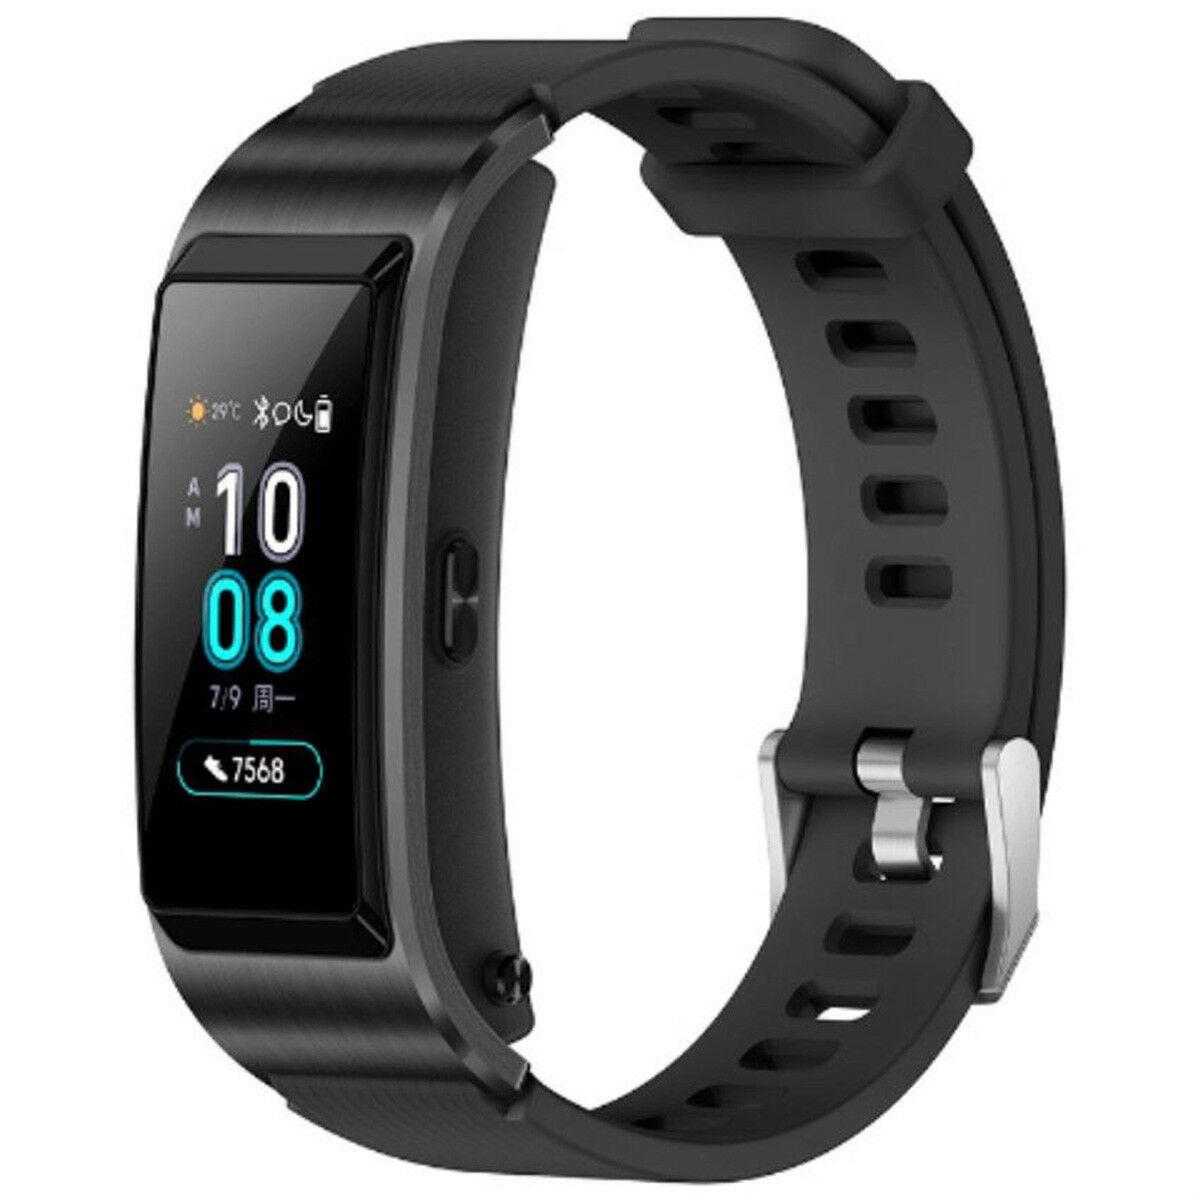 Фитнес-браслет Huawei TalkBand B5, черный чехол для сотового телефона uag monarch series case для iphone 6 plus 6s plus 7 plus 8 plus красный